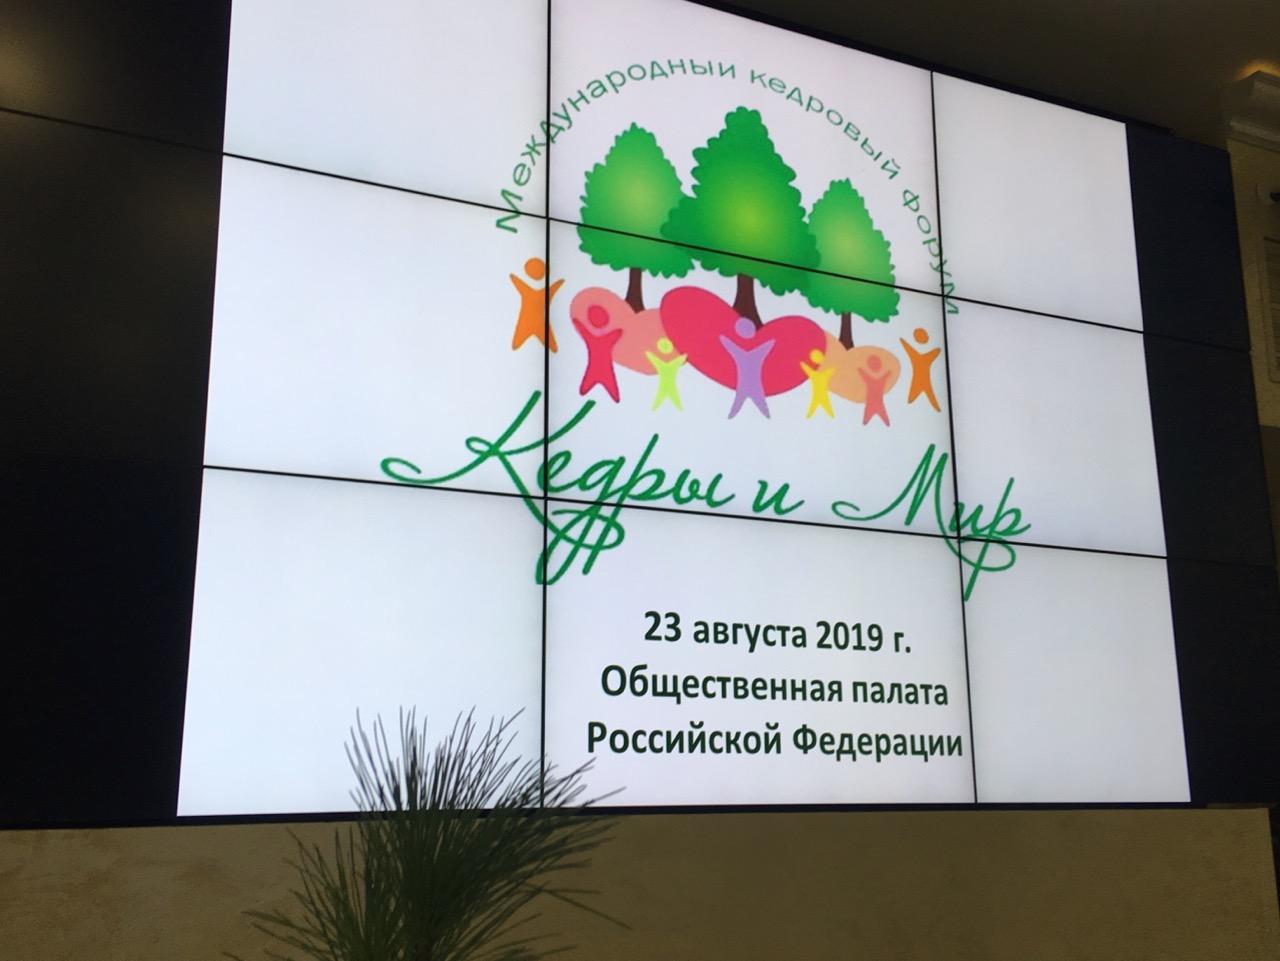 В Москве состоялся Международный кедровый форум «Кедры и мир» (1).jpg